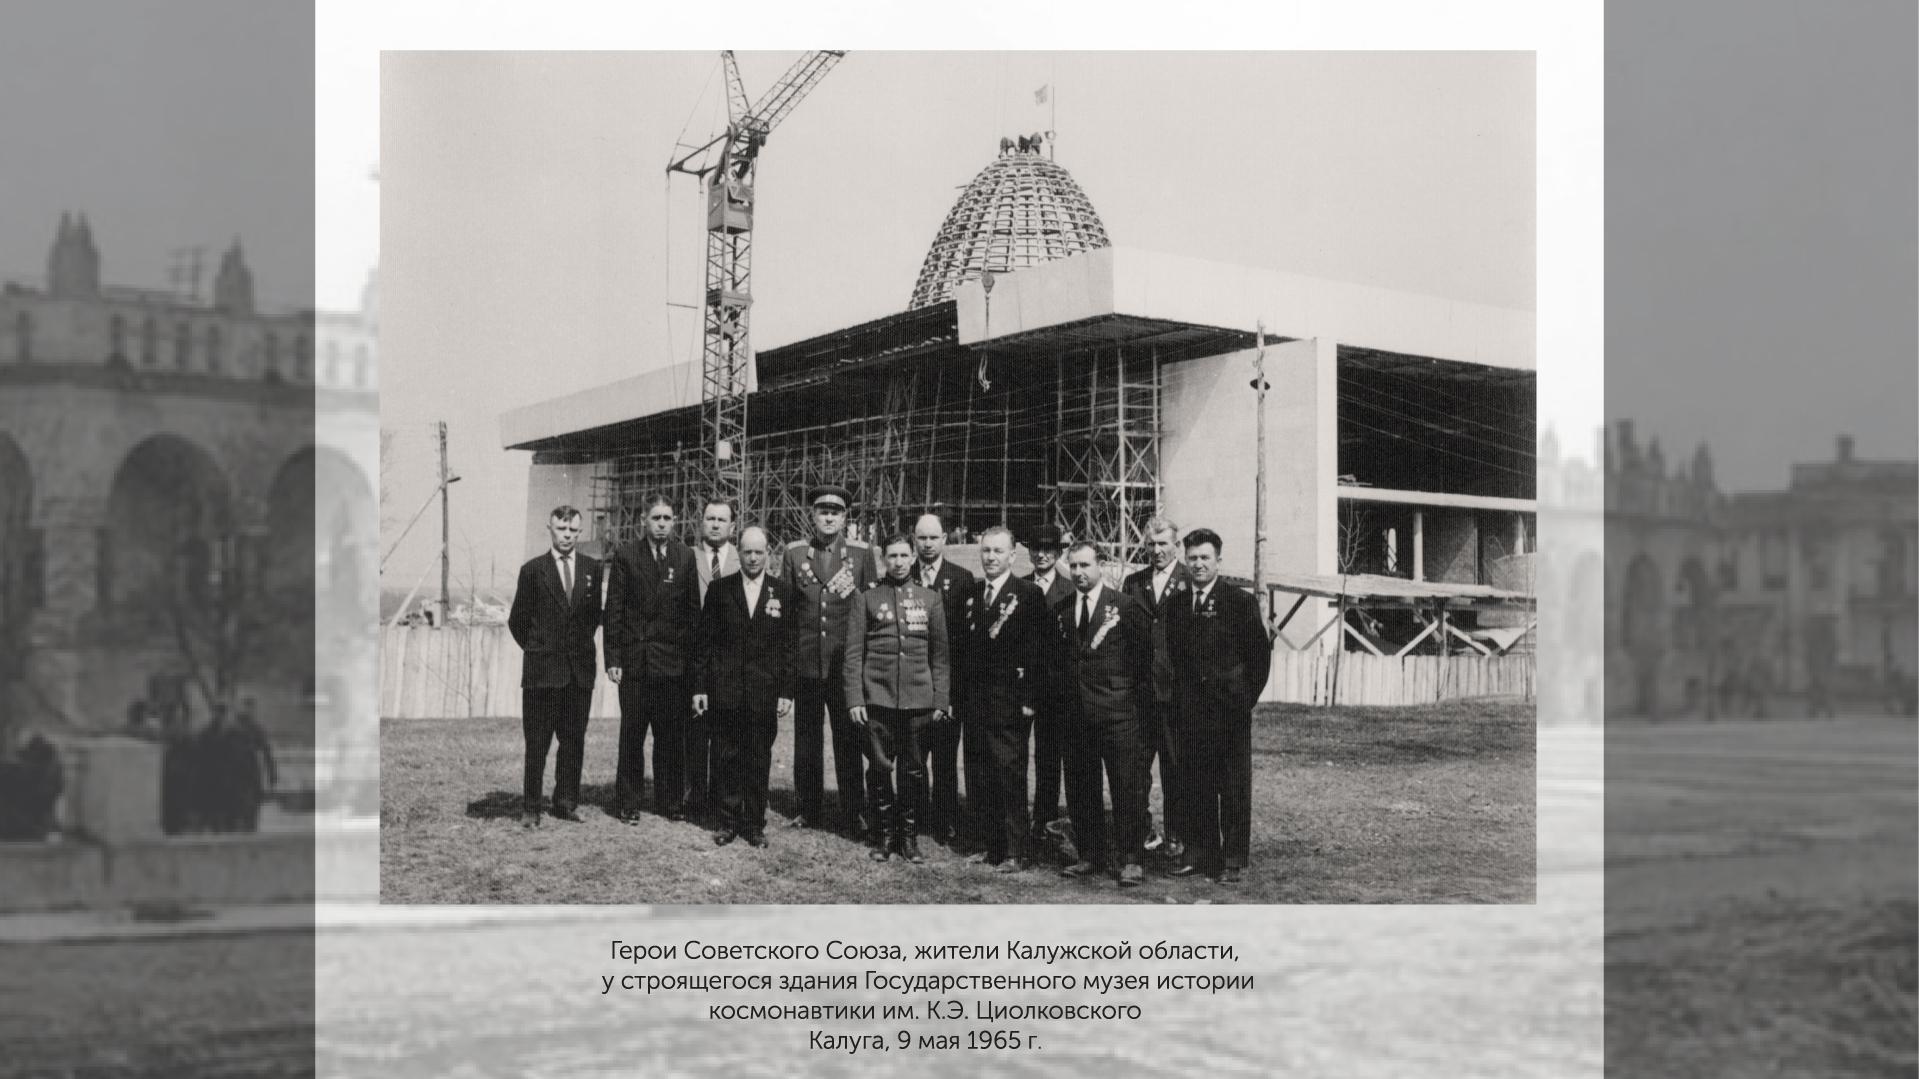 Герои Советского союза у строящегося здания Государственного музея истории космонавтики имени К.Э. Циолковского